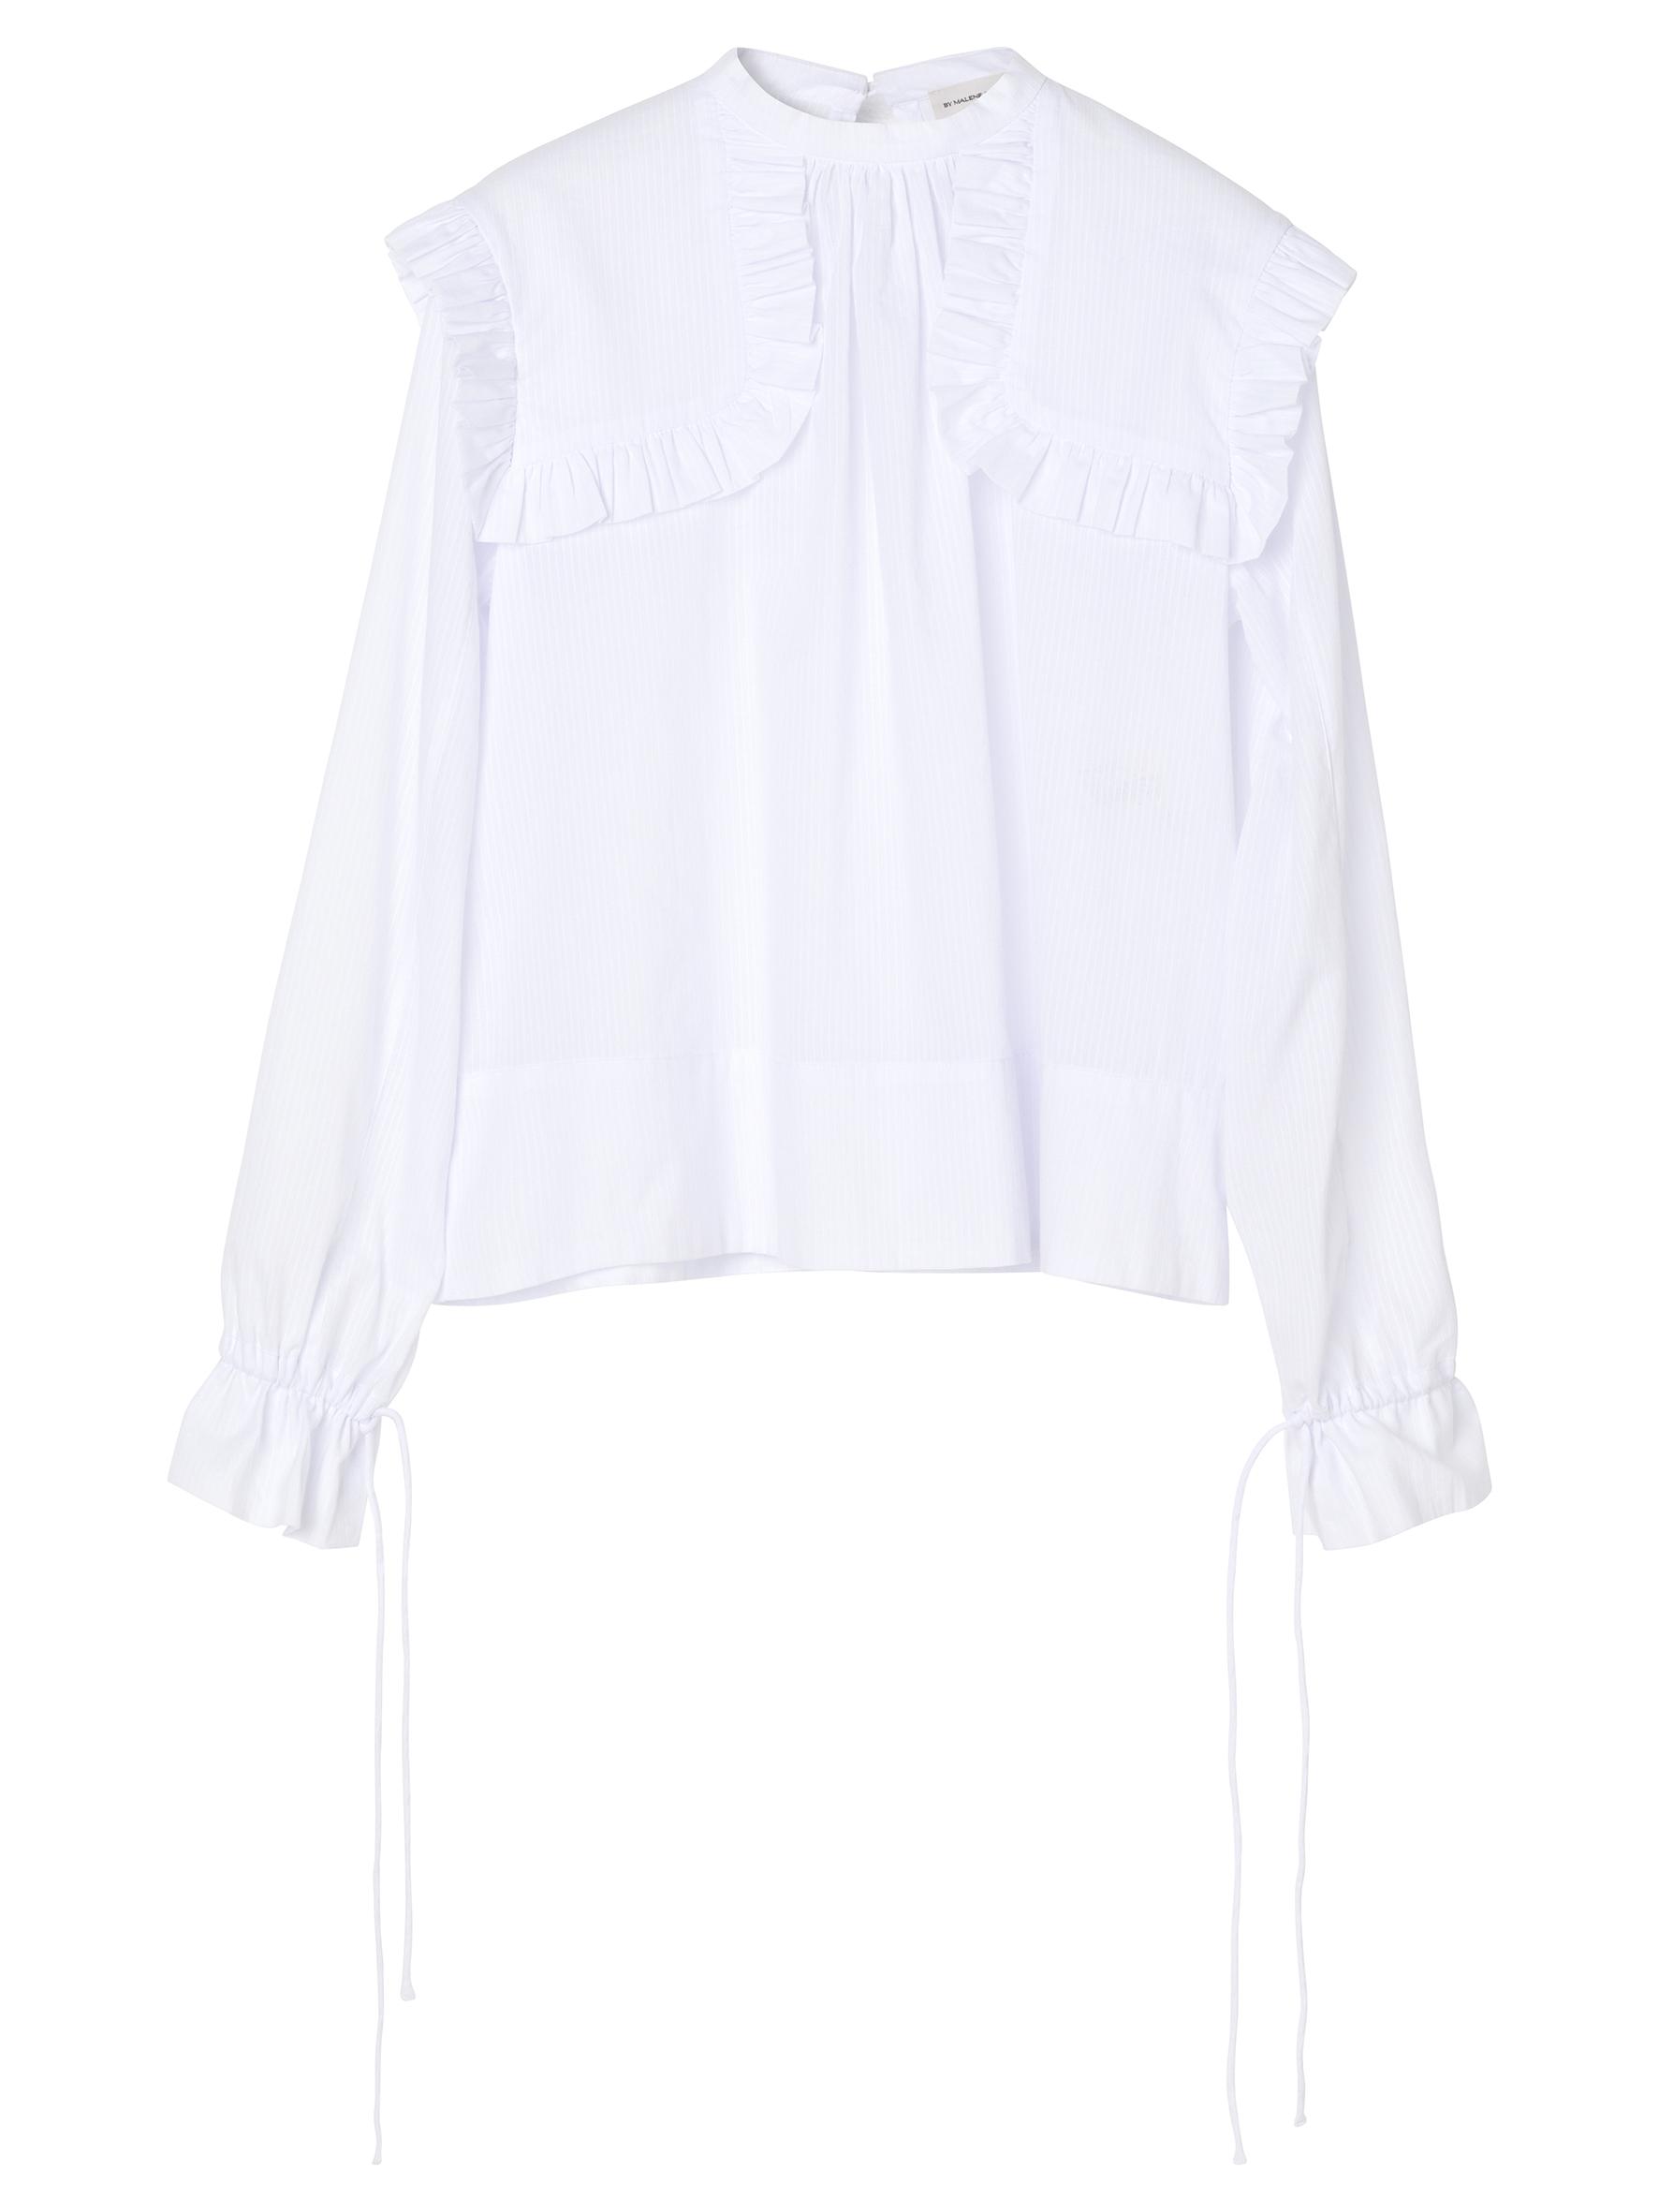 By Malene Birger Salinger Shirt White